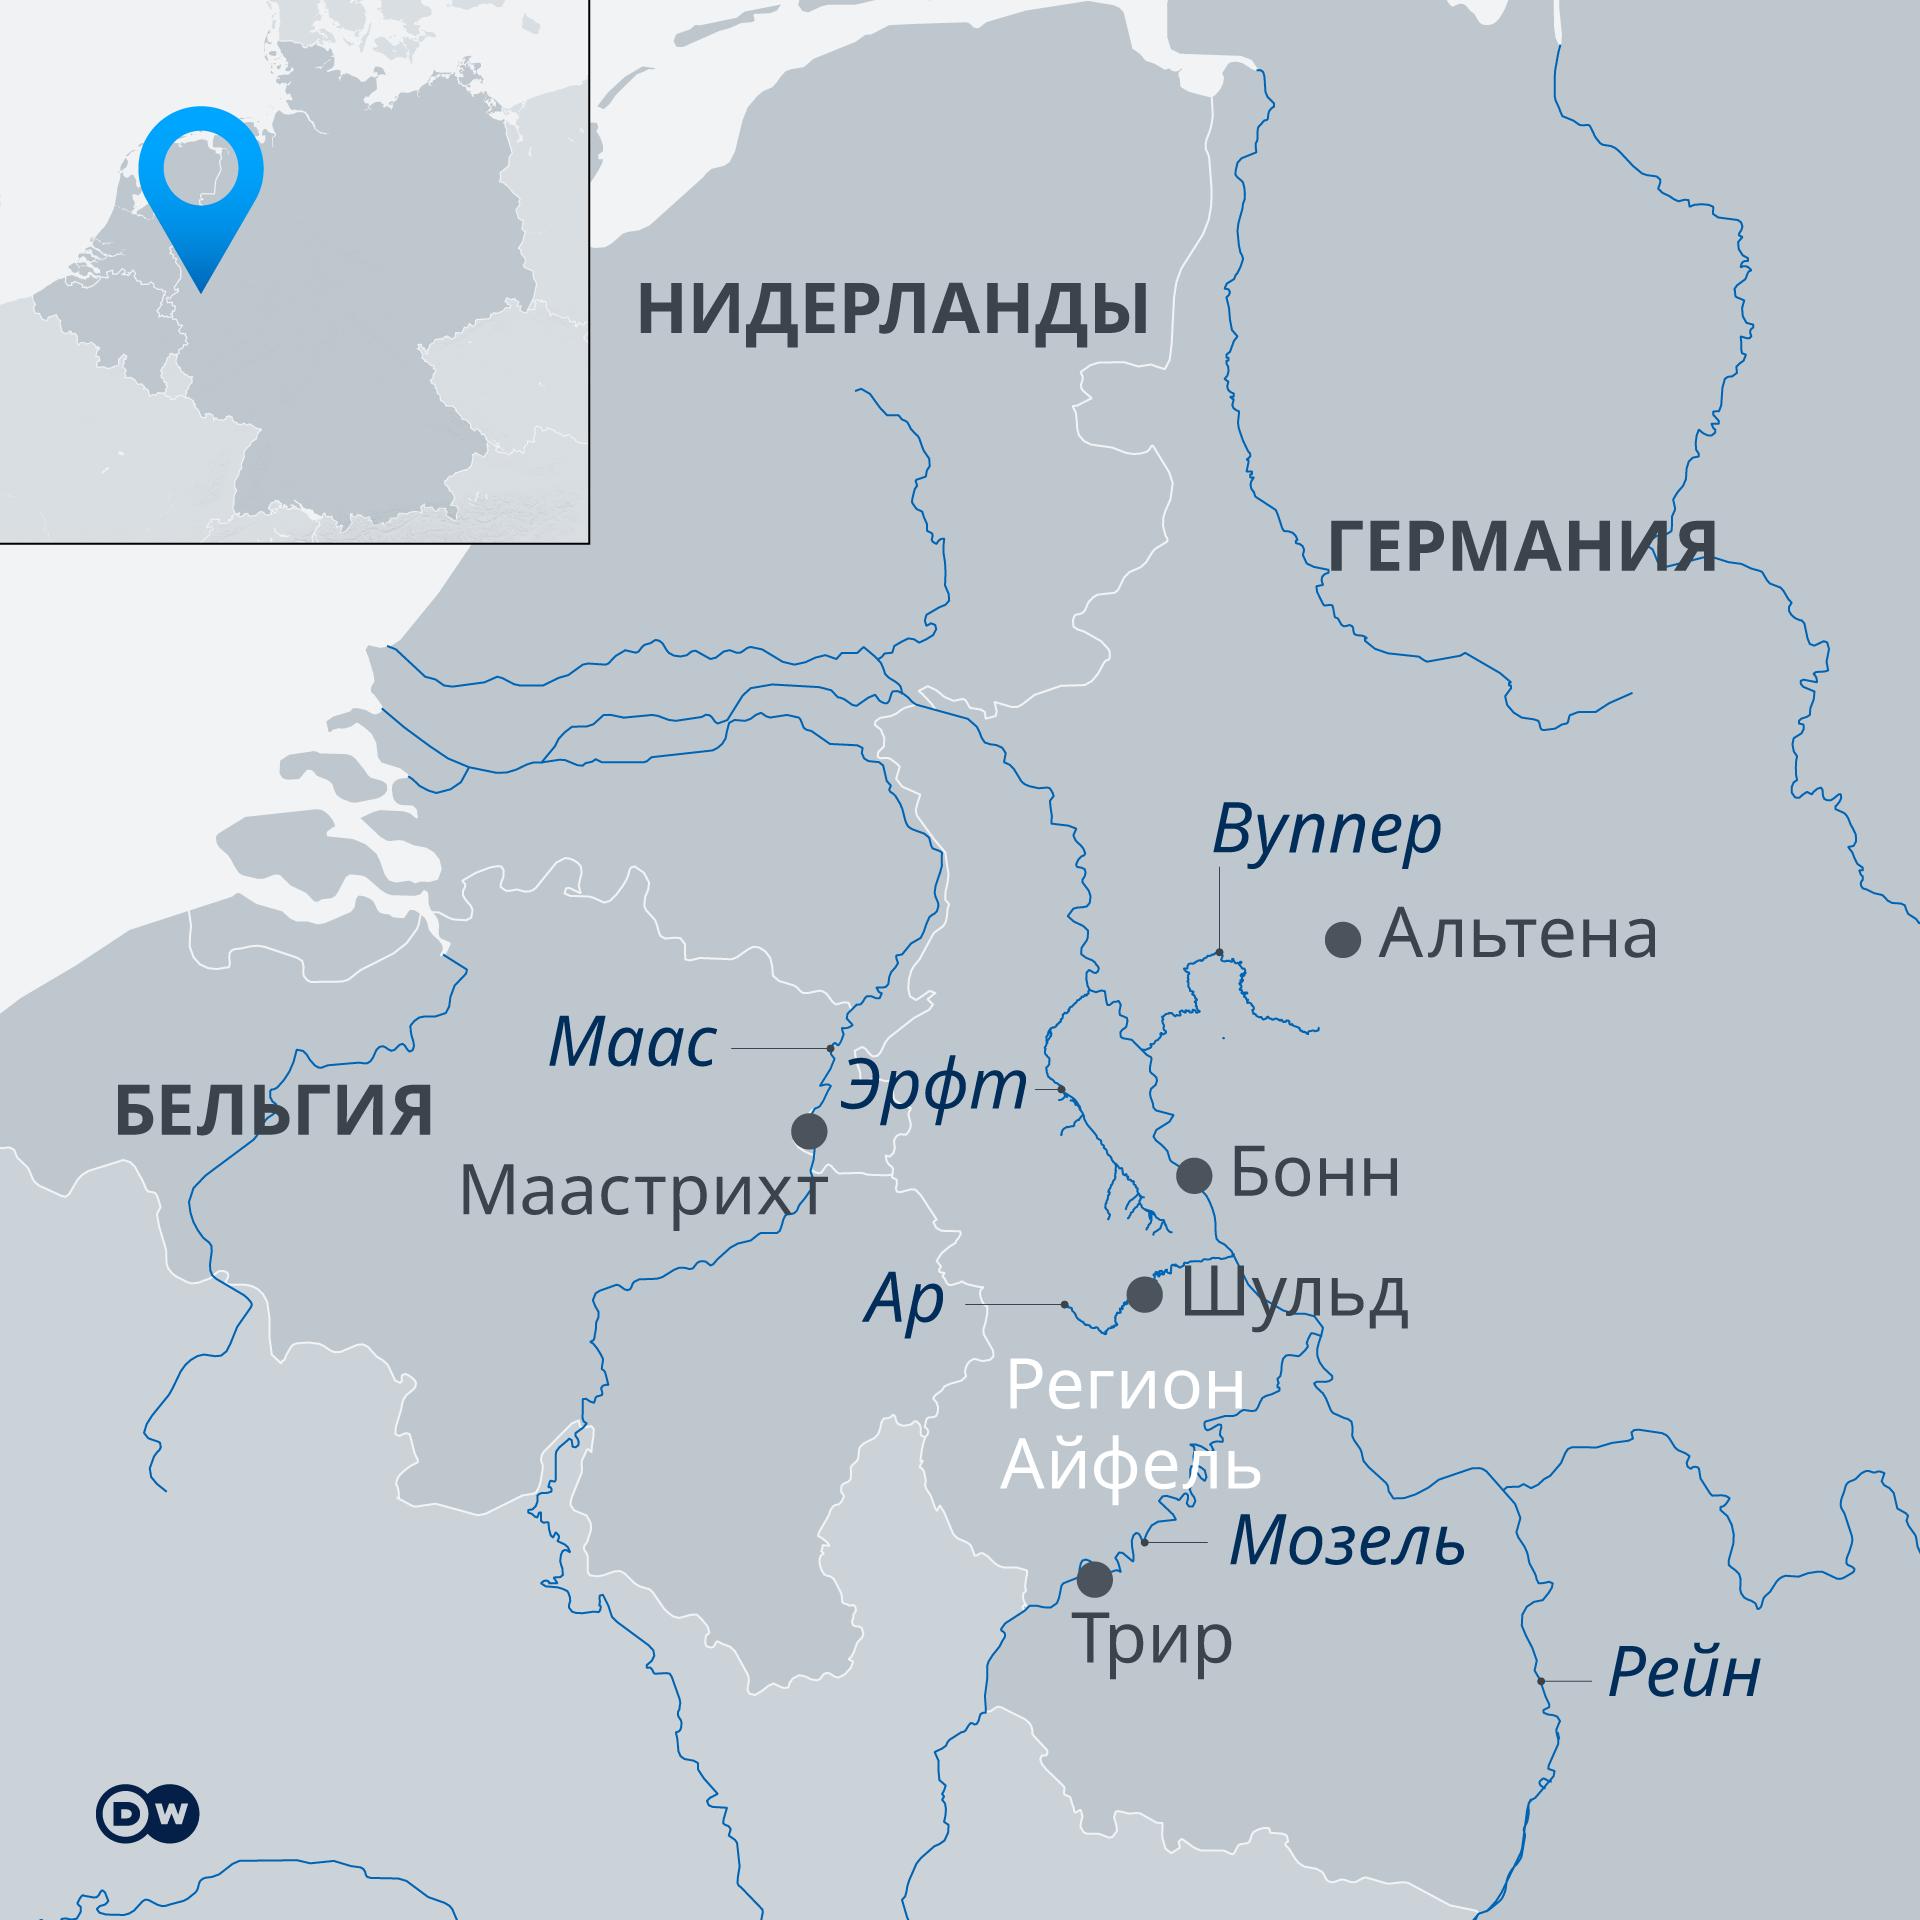 Инфографика: карта регионов, пострадавших от наводнения на западе Германии